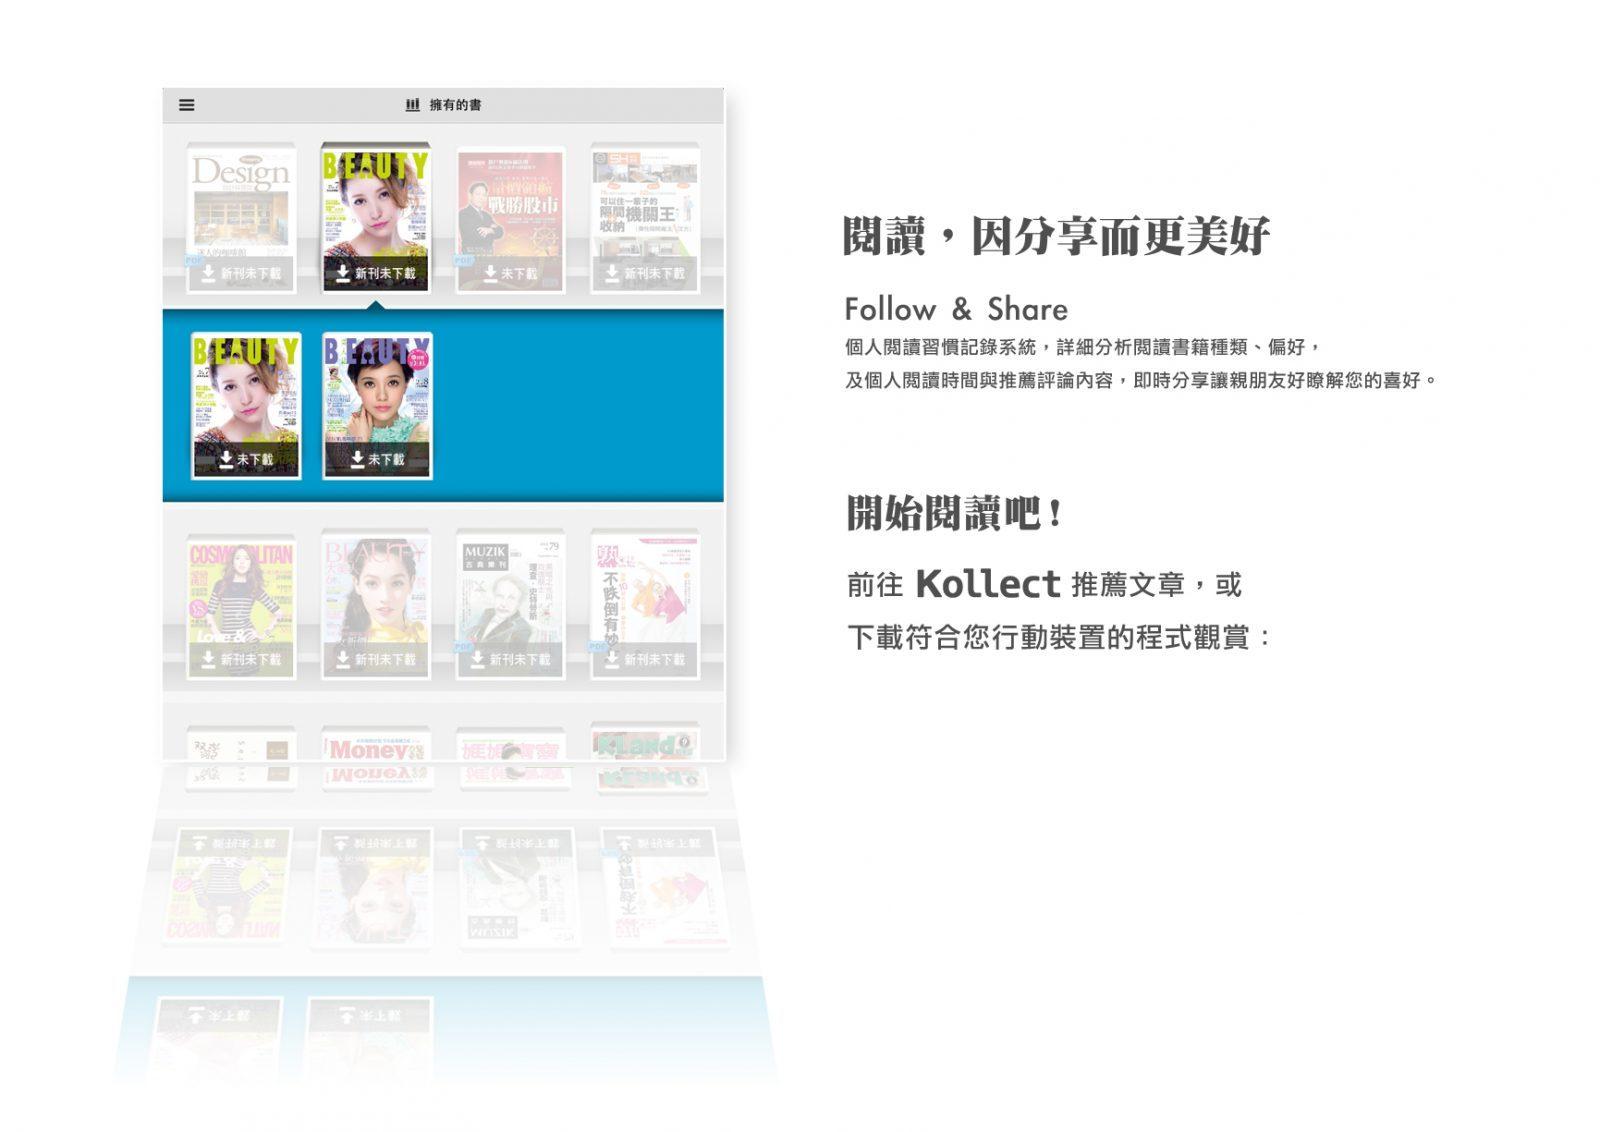 [APP] 新知社群雜誌平台